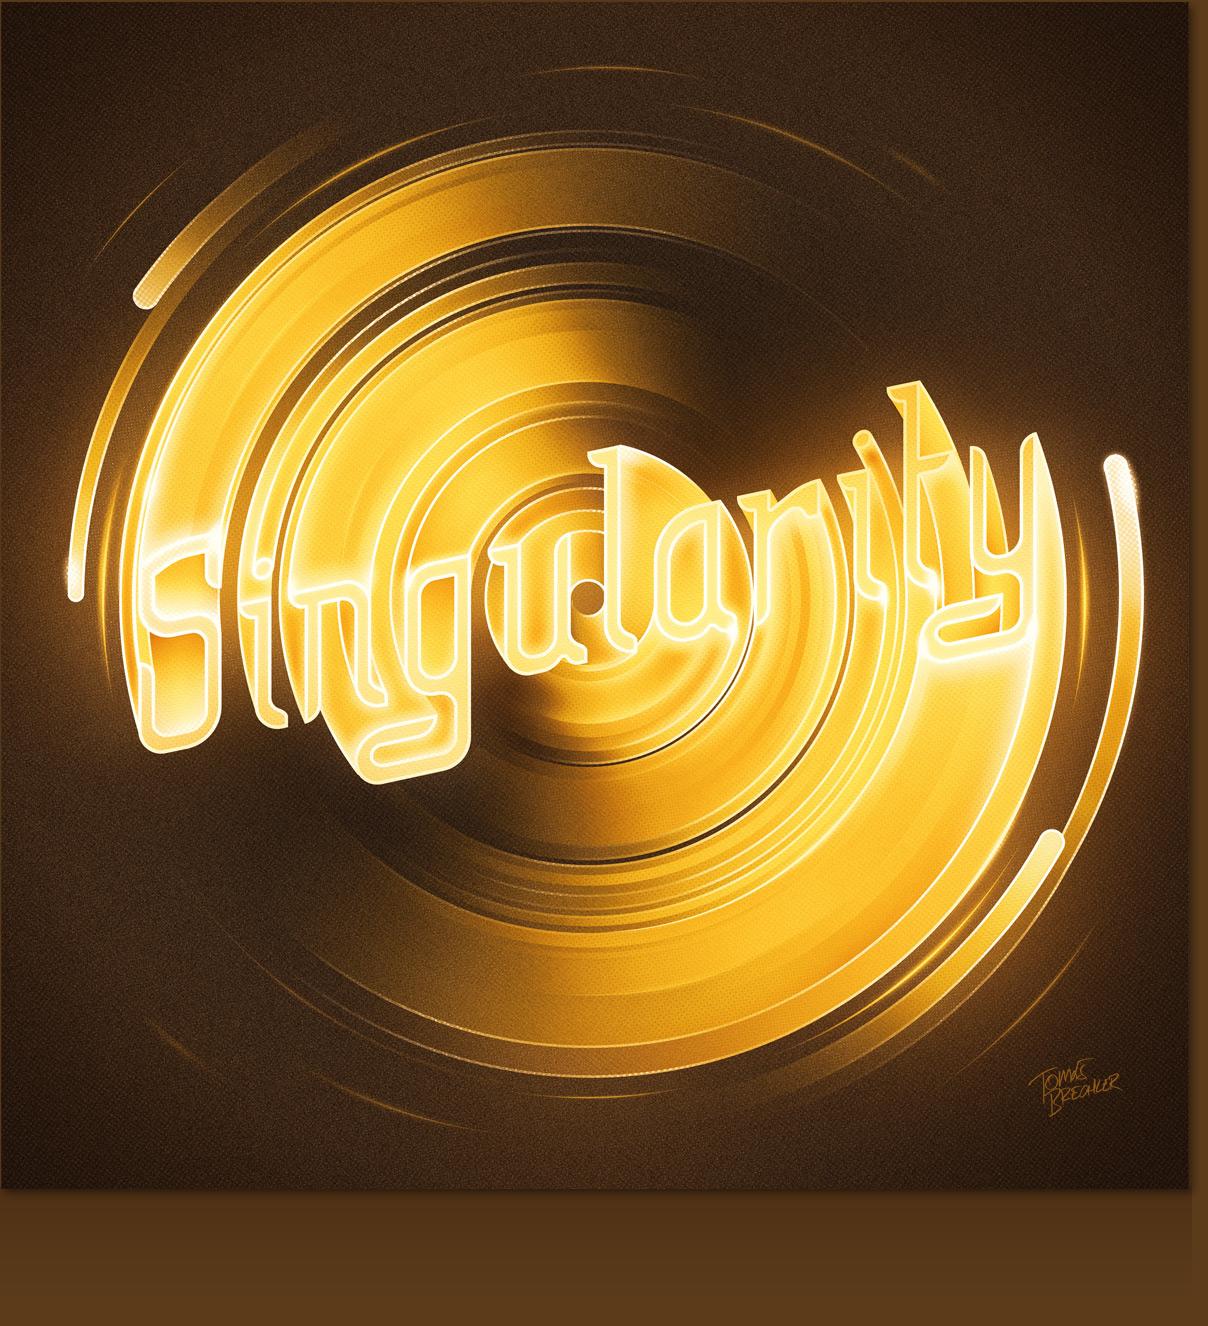 singularity-wp